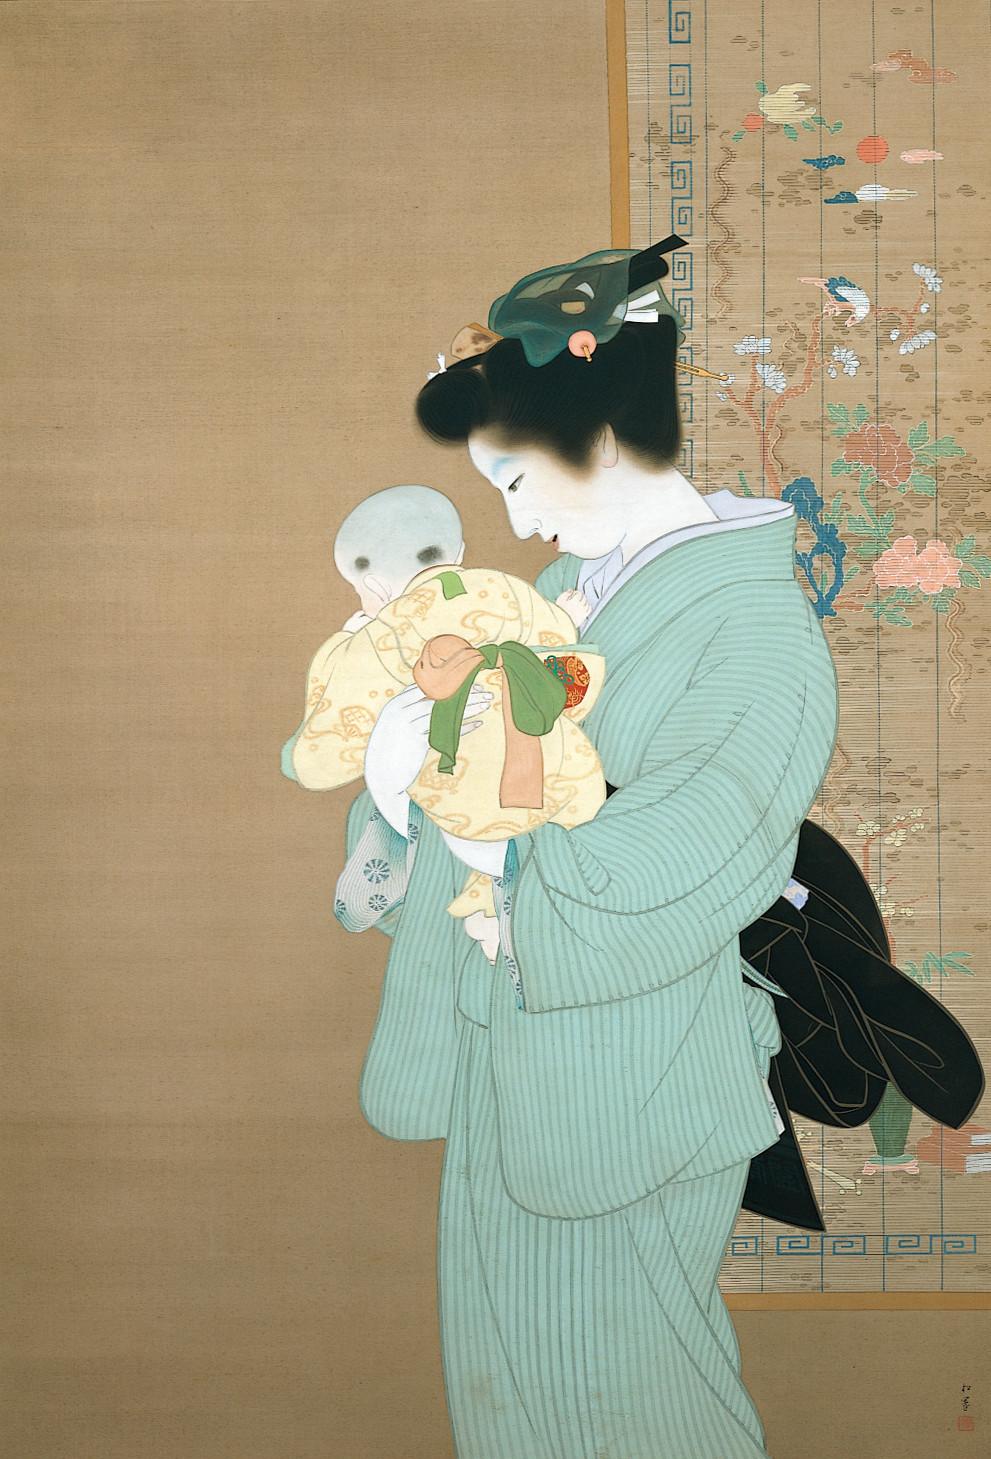 上村松園《母子》重要文化財 昭和9年(1934) 168.0×115.5 東京国立近代美術館蔵